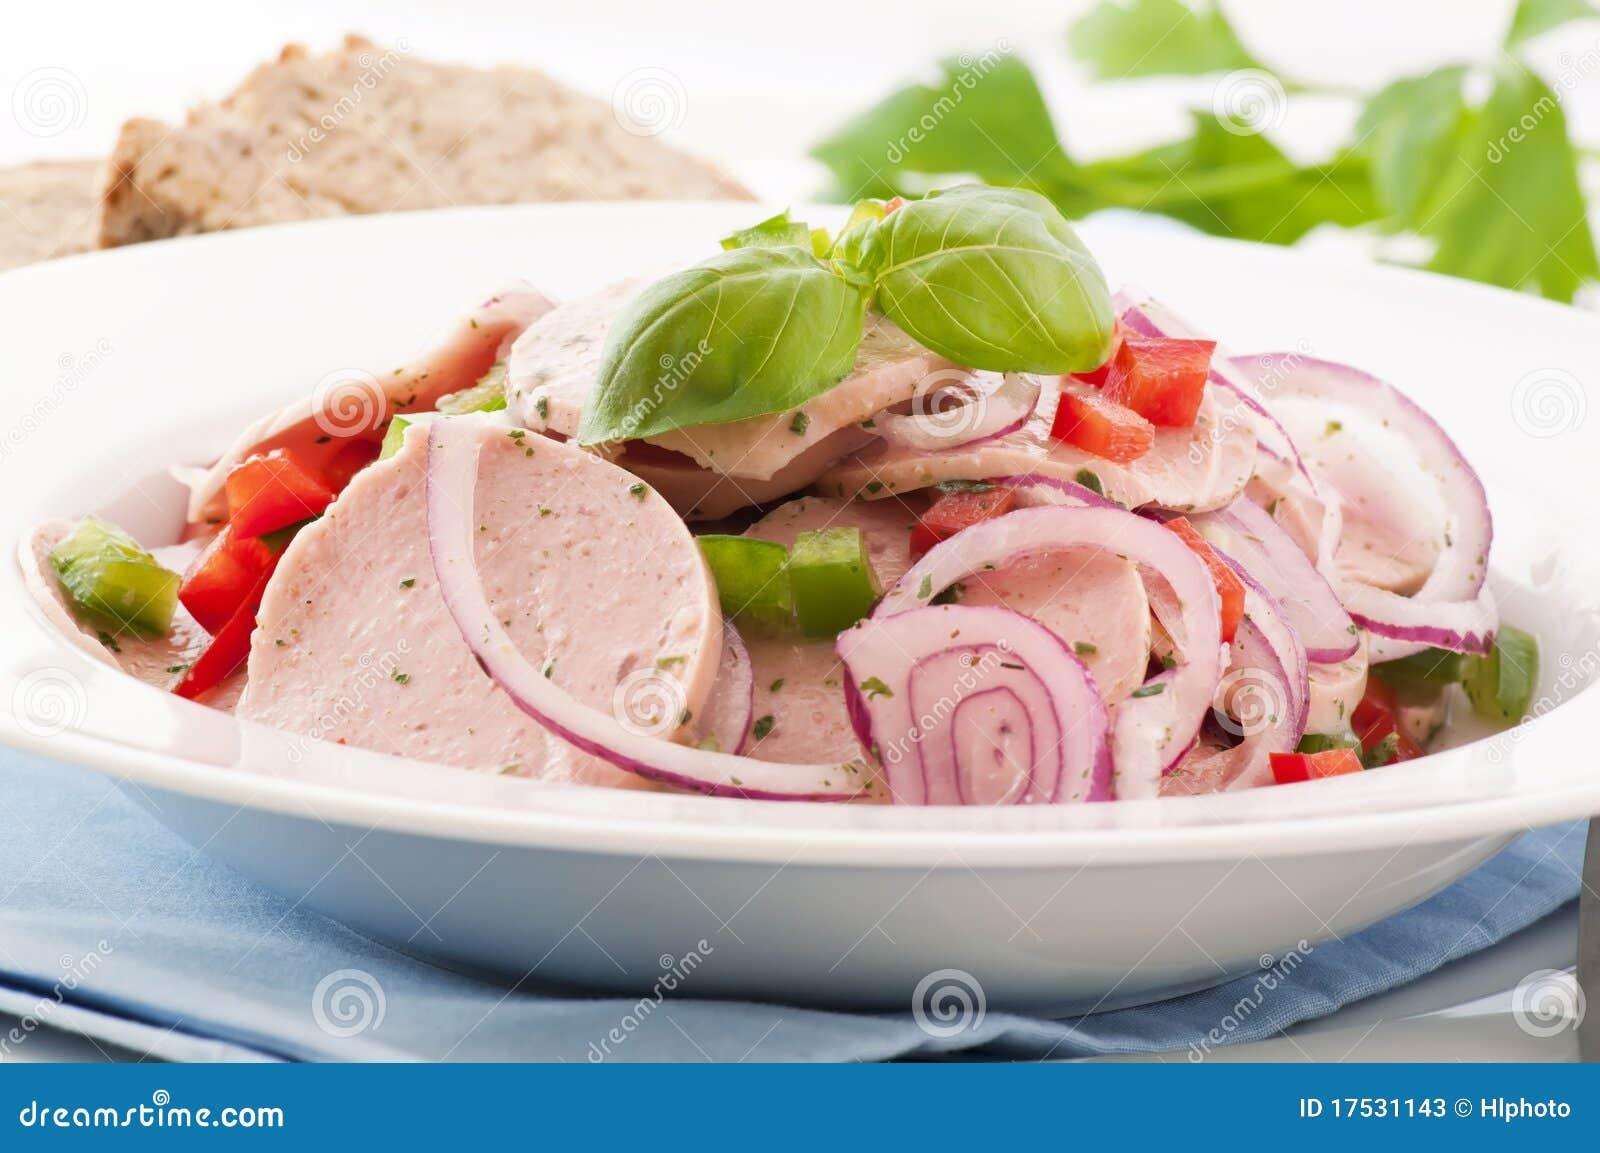 Stock Photos: Bavarian Sausage Salad